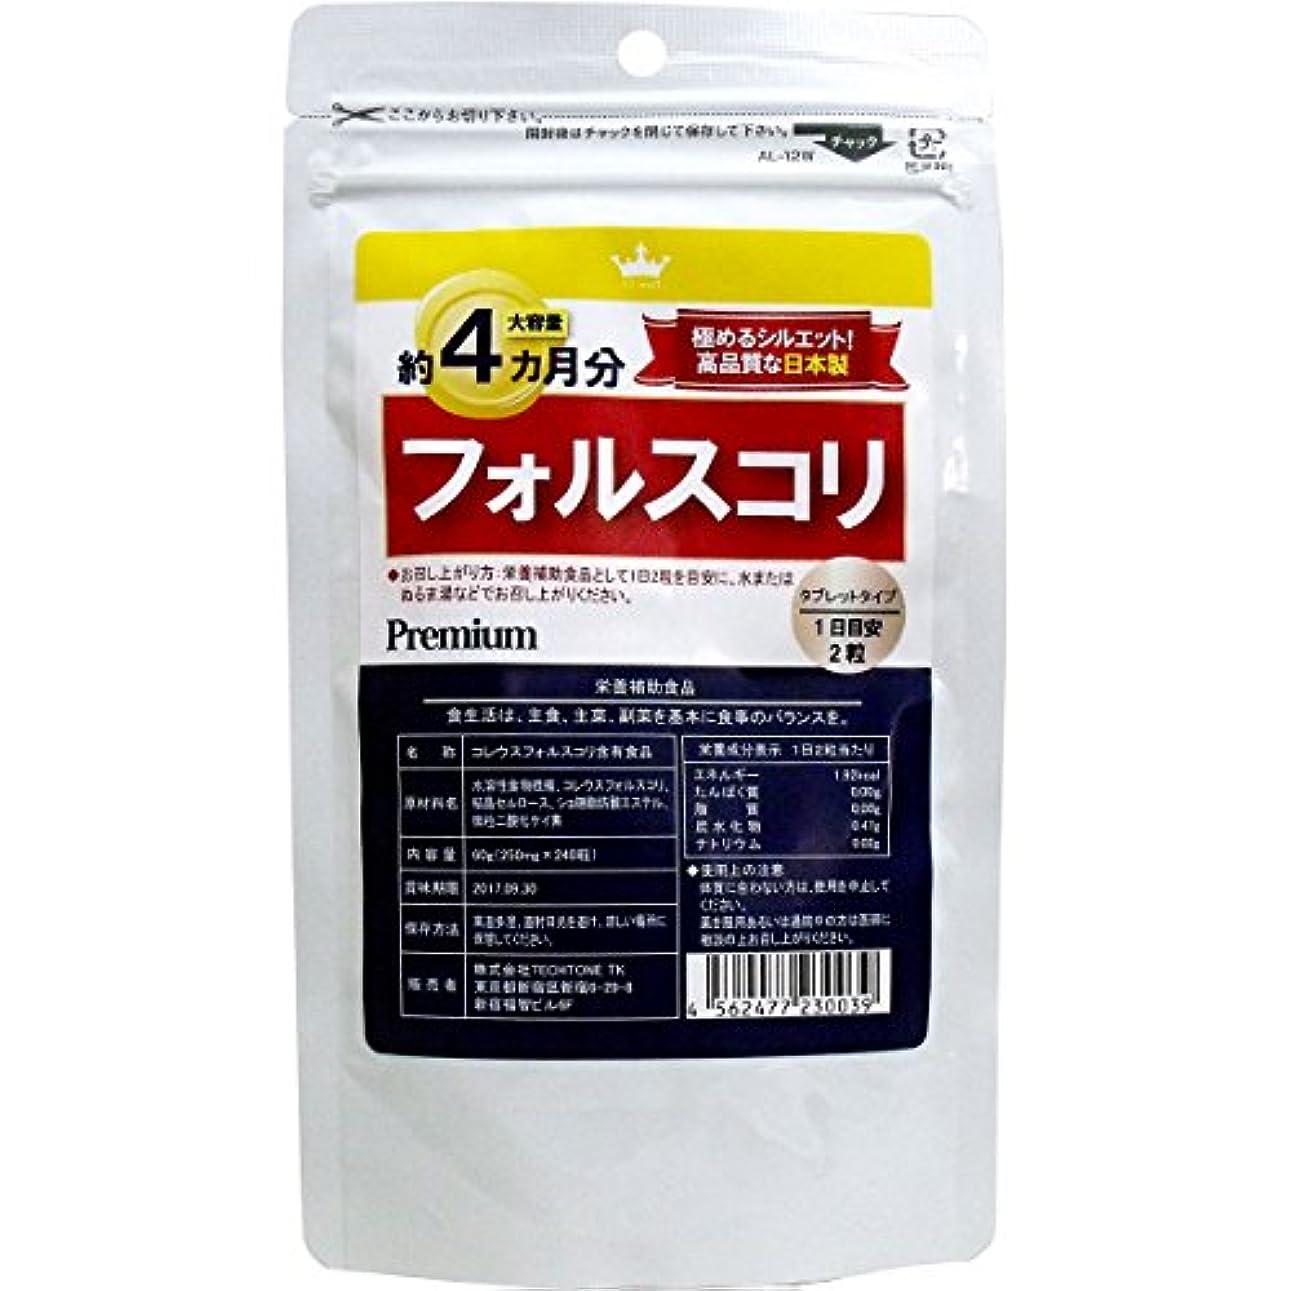 アデレード契約するなるサプリ 高品質な日本製 話題の フォルスコリ 約4カ月分 240粒入【2個セット】